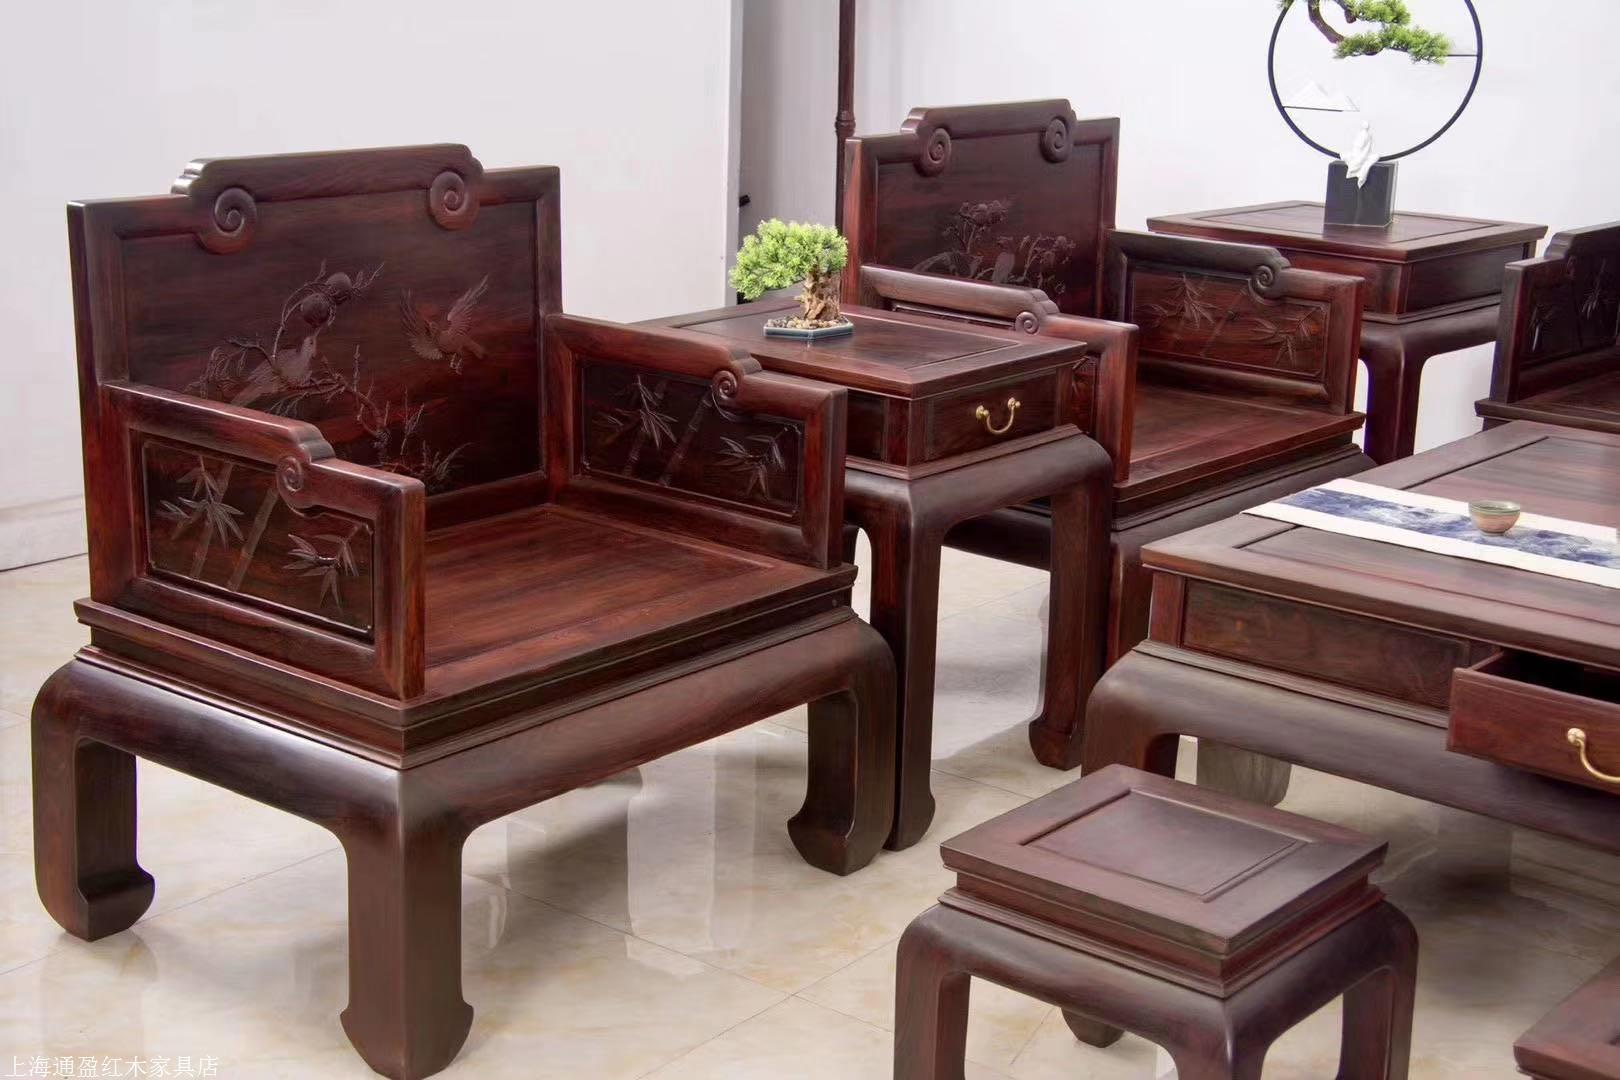 北京上门回收红木家具,仿古家具,酸枝木家具